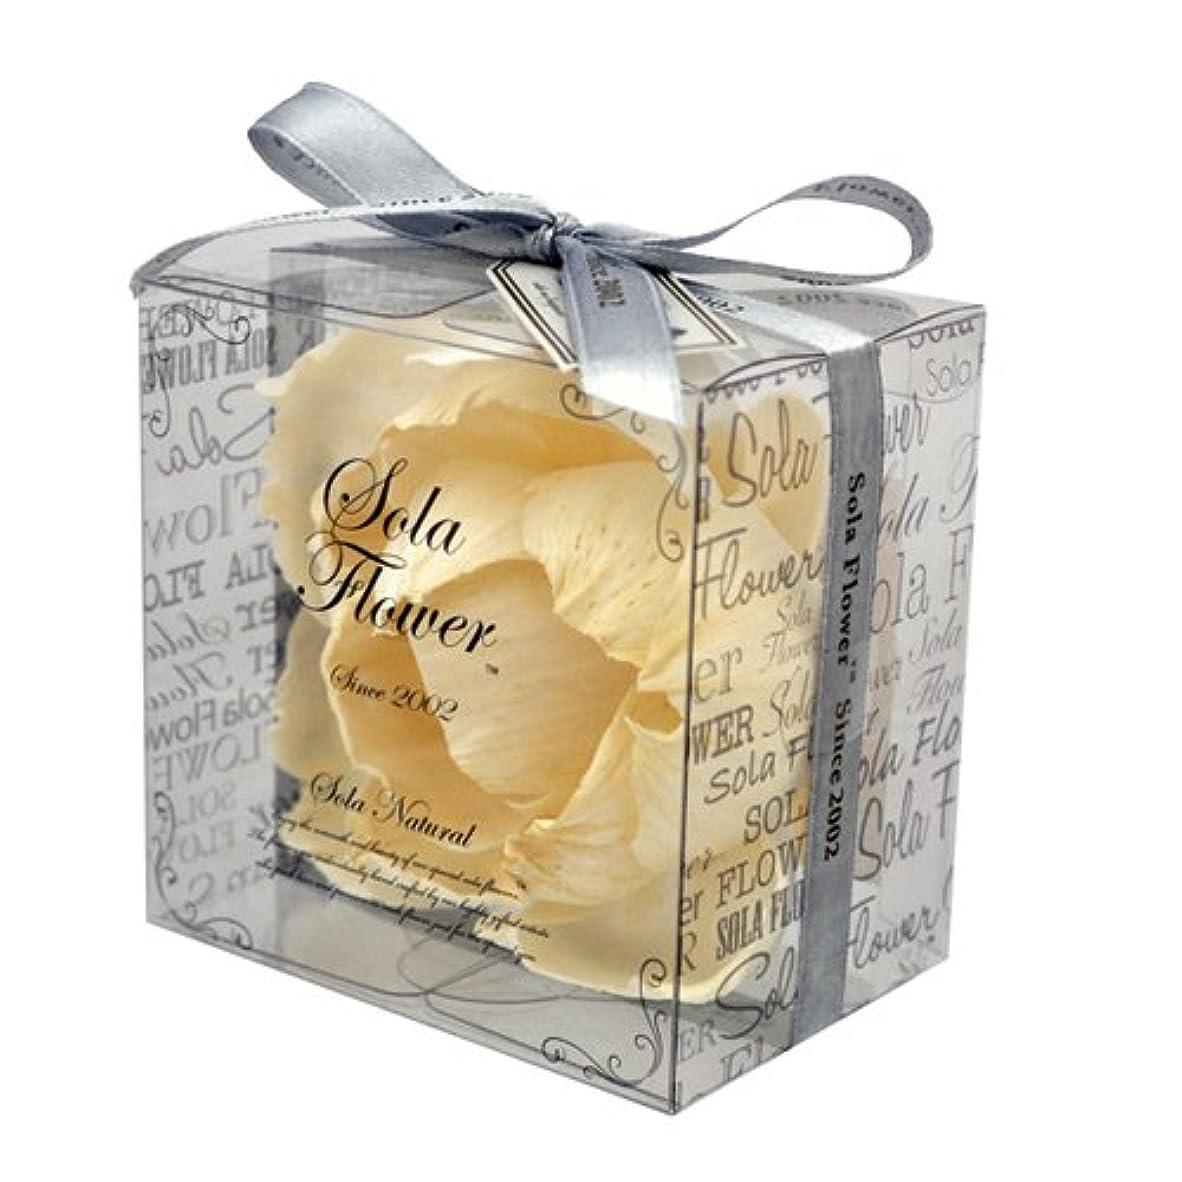 聖歌外観印をつけるnew Sola Flower ソラフラワー ナチュラル Elegant Peony エレガントピオニー Natural